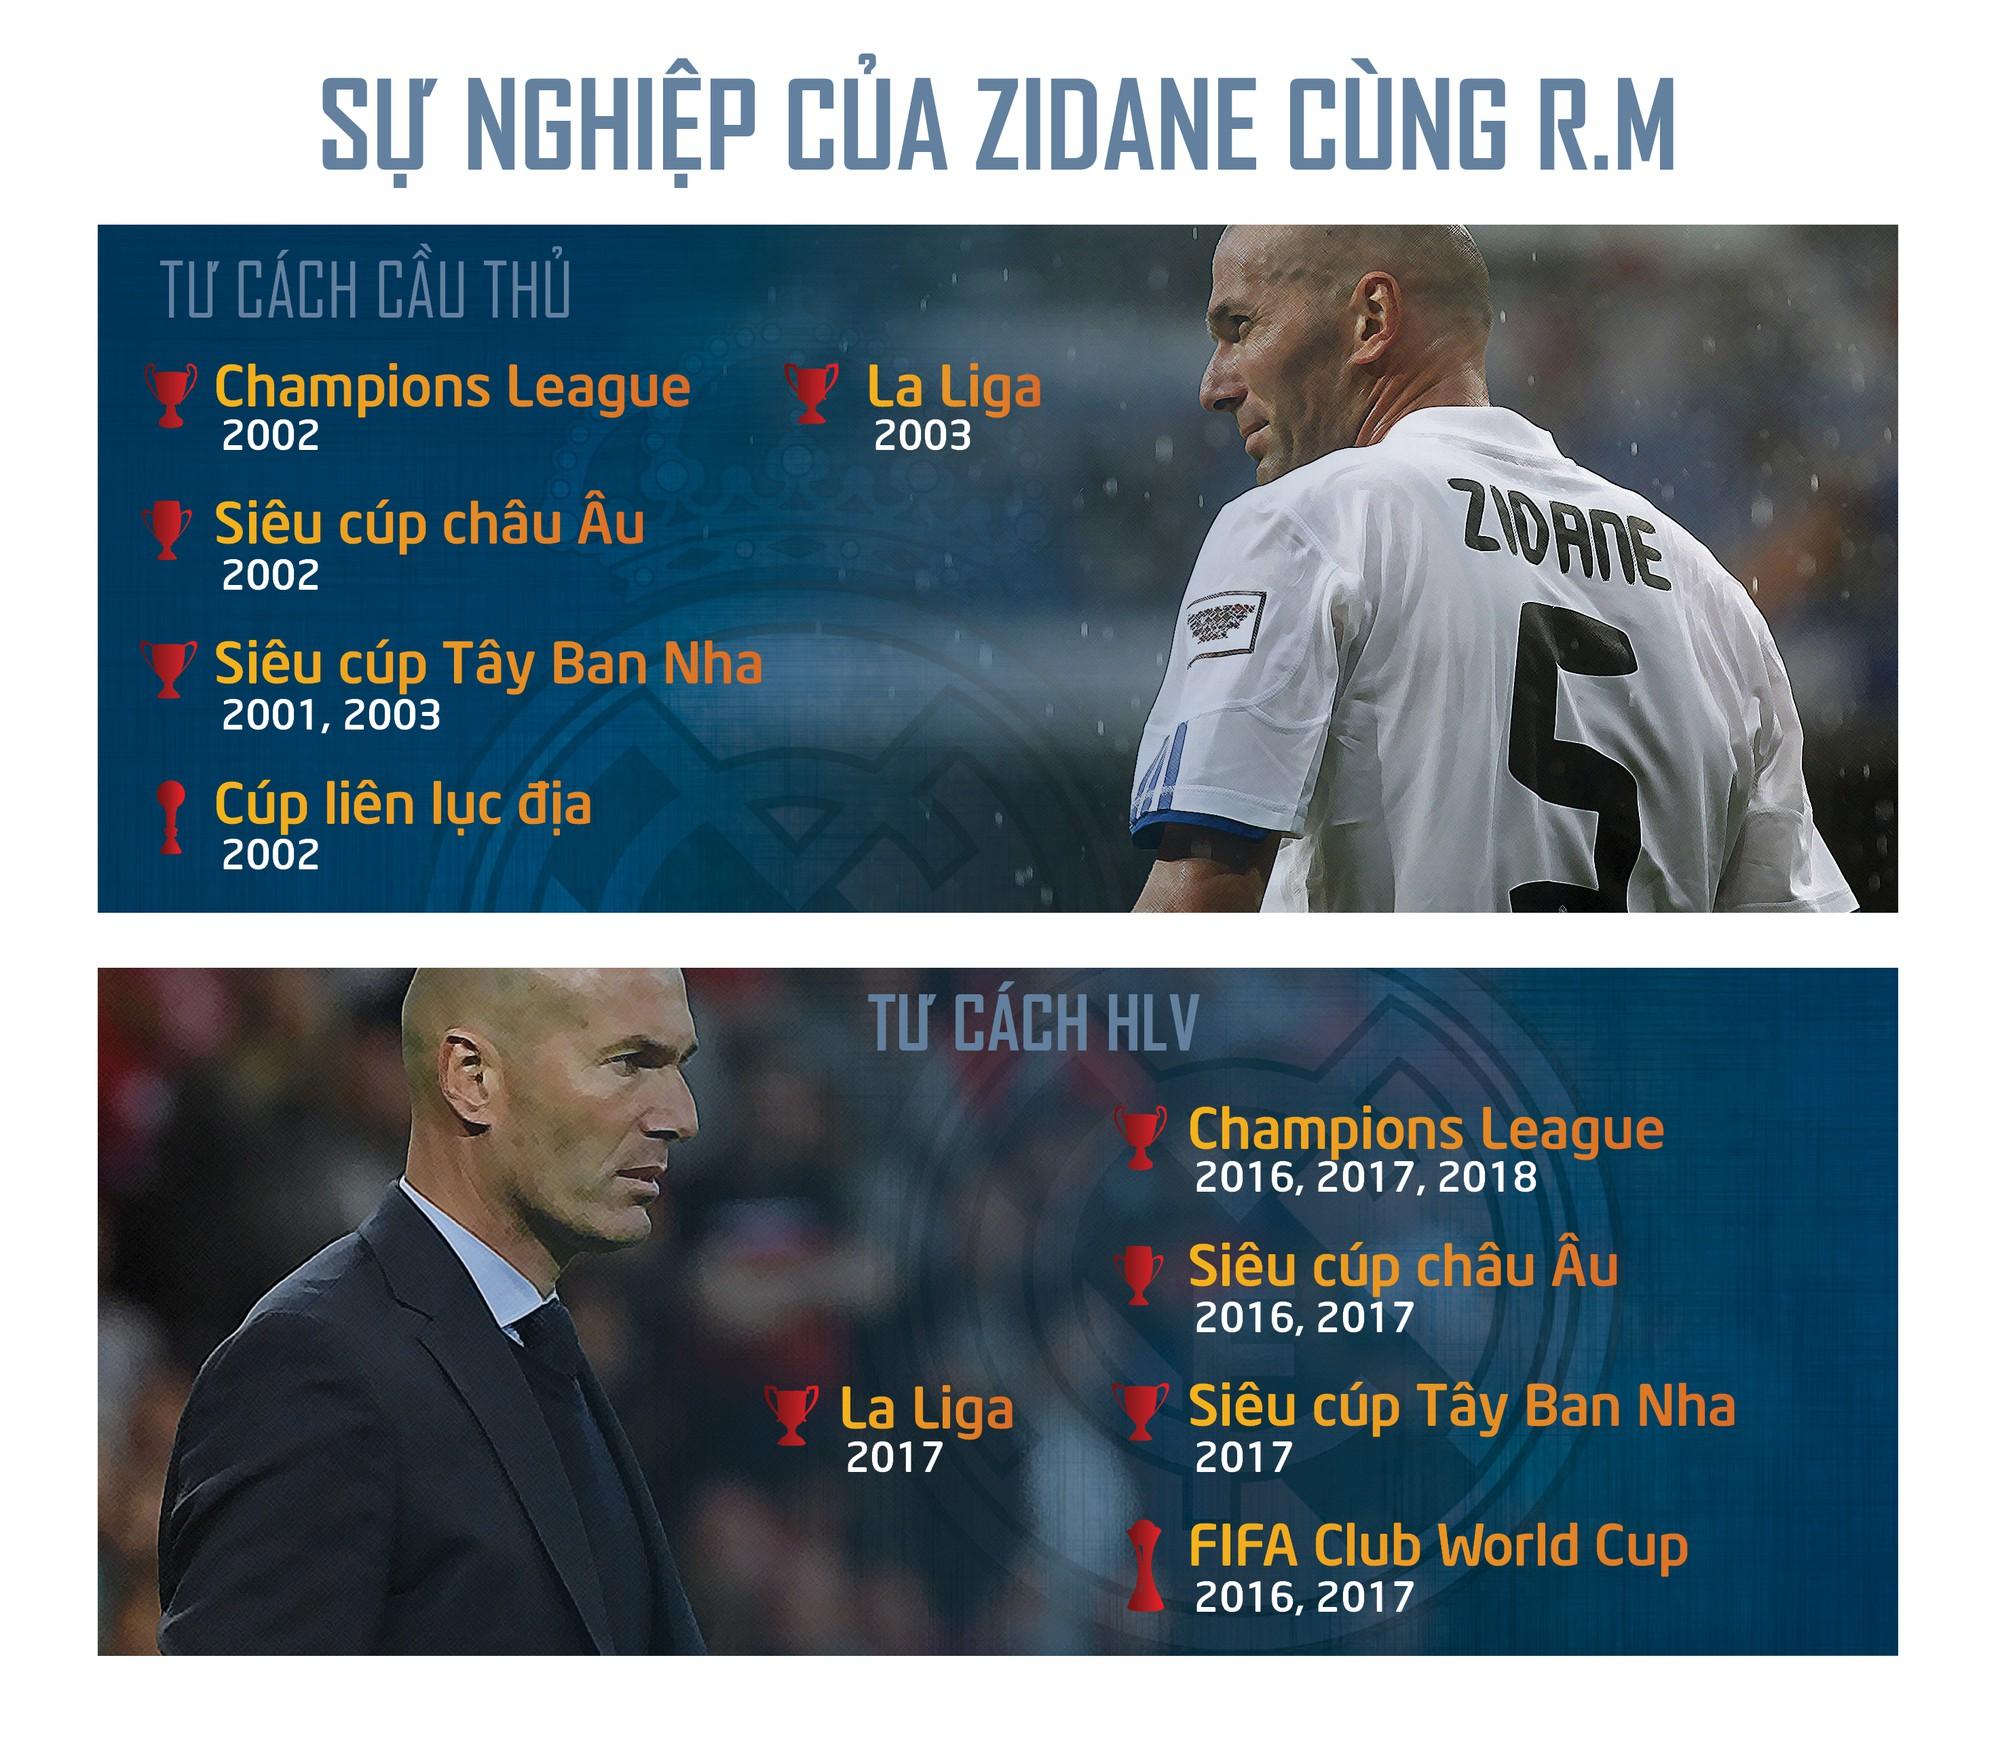 Zidane trở lại R.M: Sao không thể tắm hai lần trên một dòng sông? - Ảnh 3.